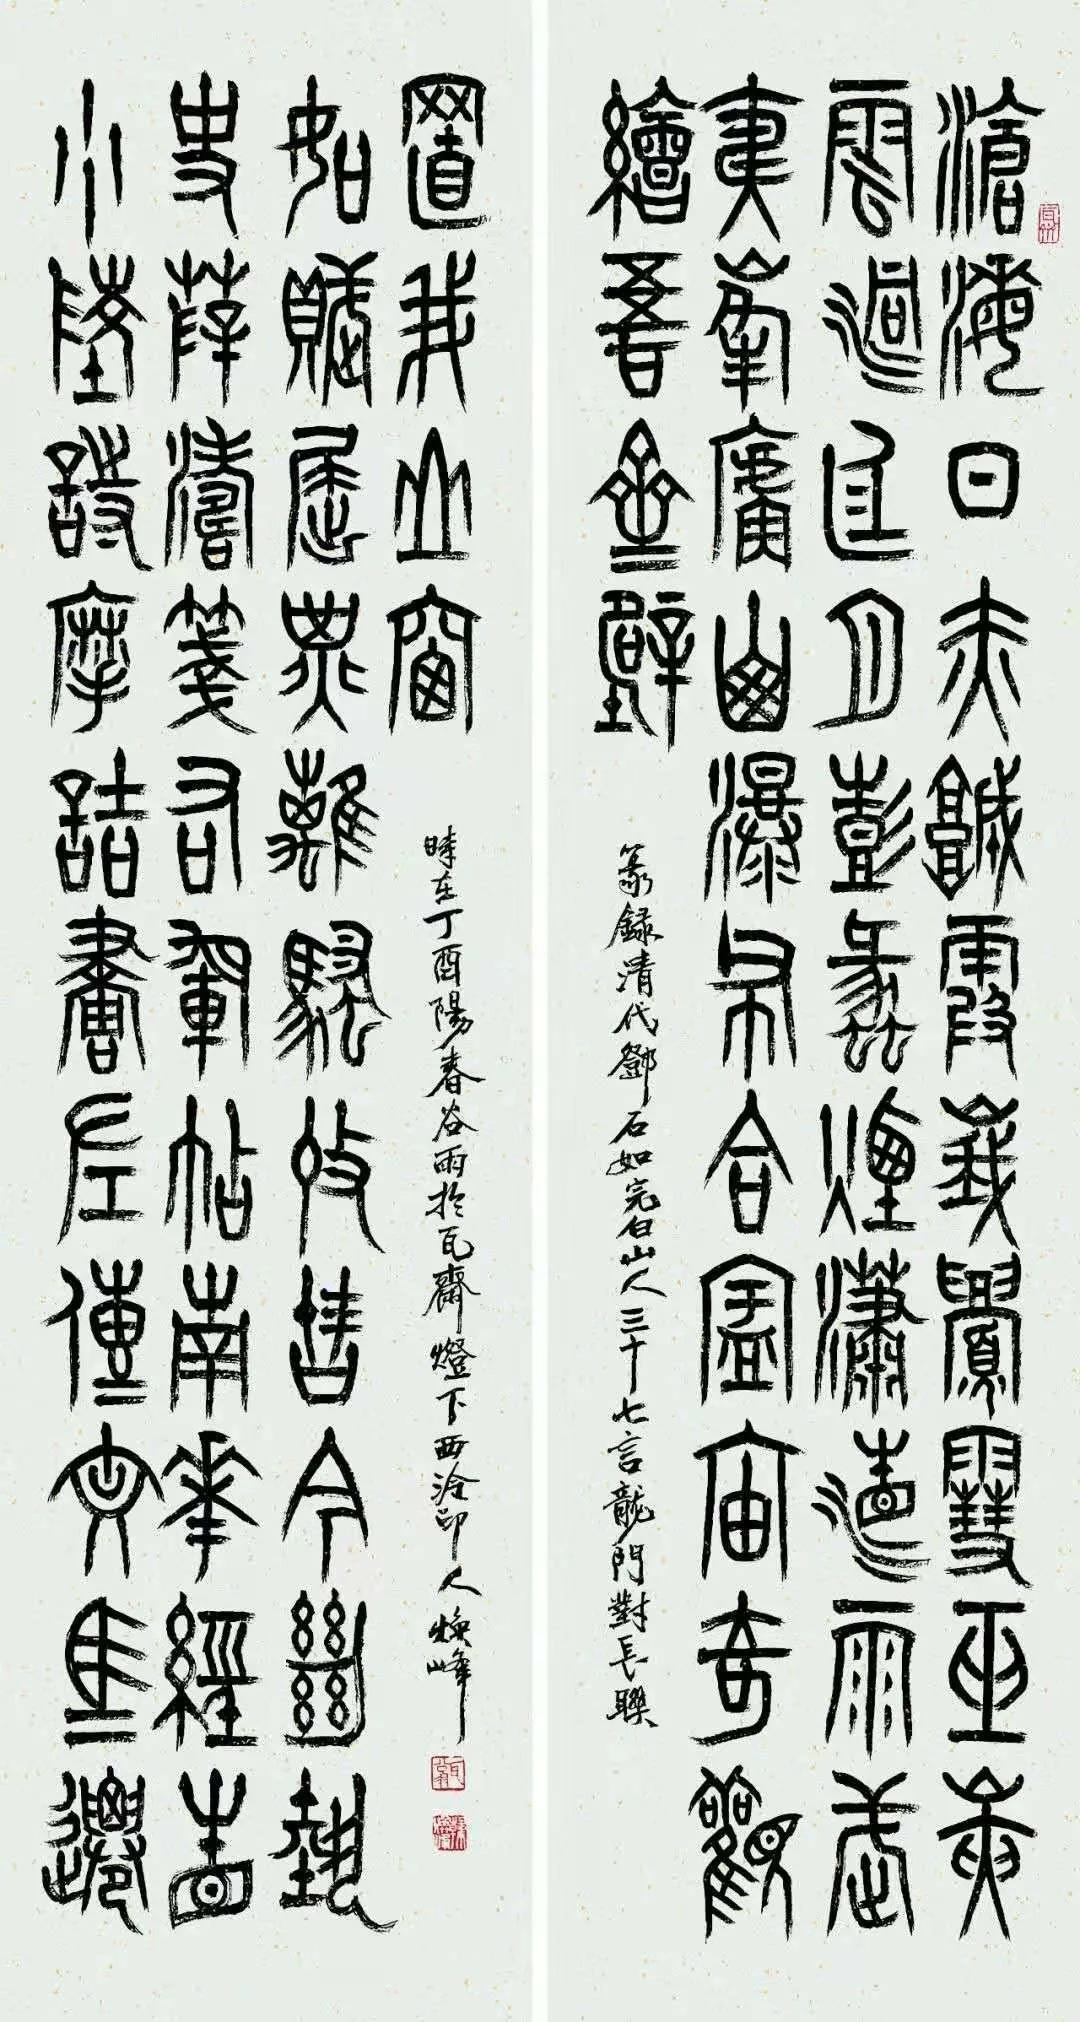 沧海印社社长韩焕峰艺术简介